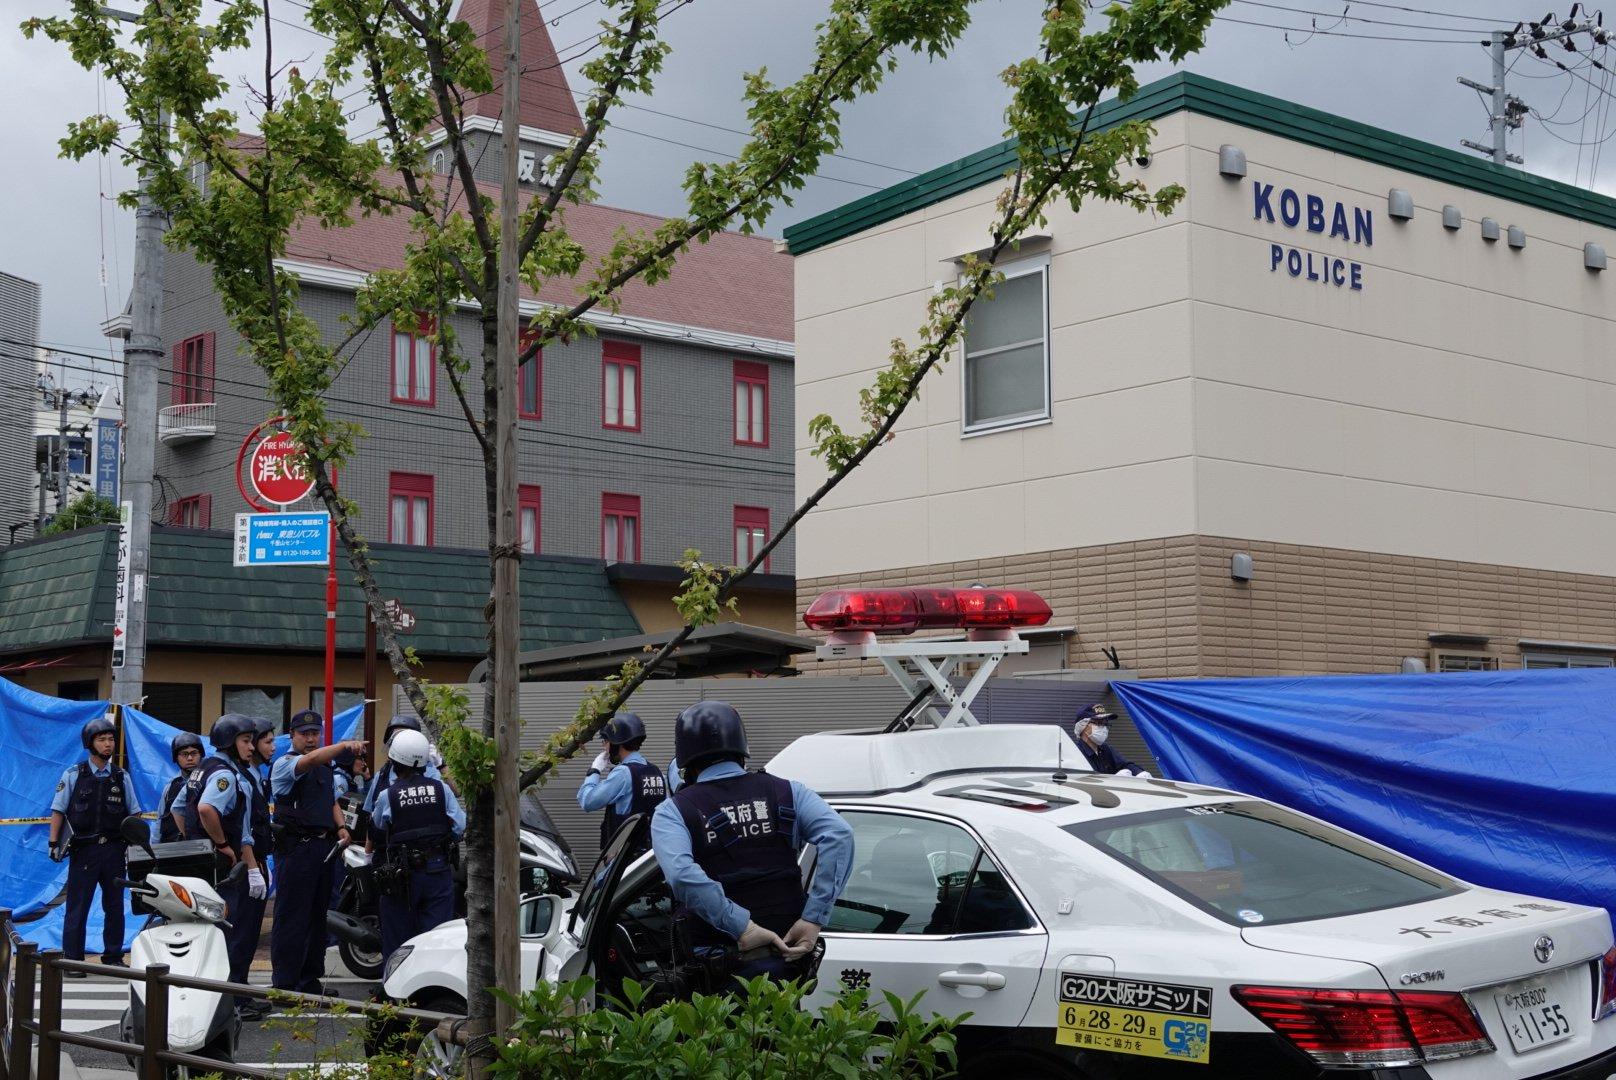 千里山交番で警察官が包丁で刺され拳銃奪われた強盗殺人事件の現場画像